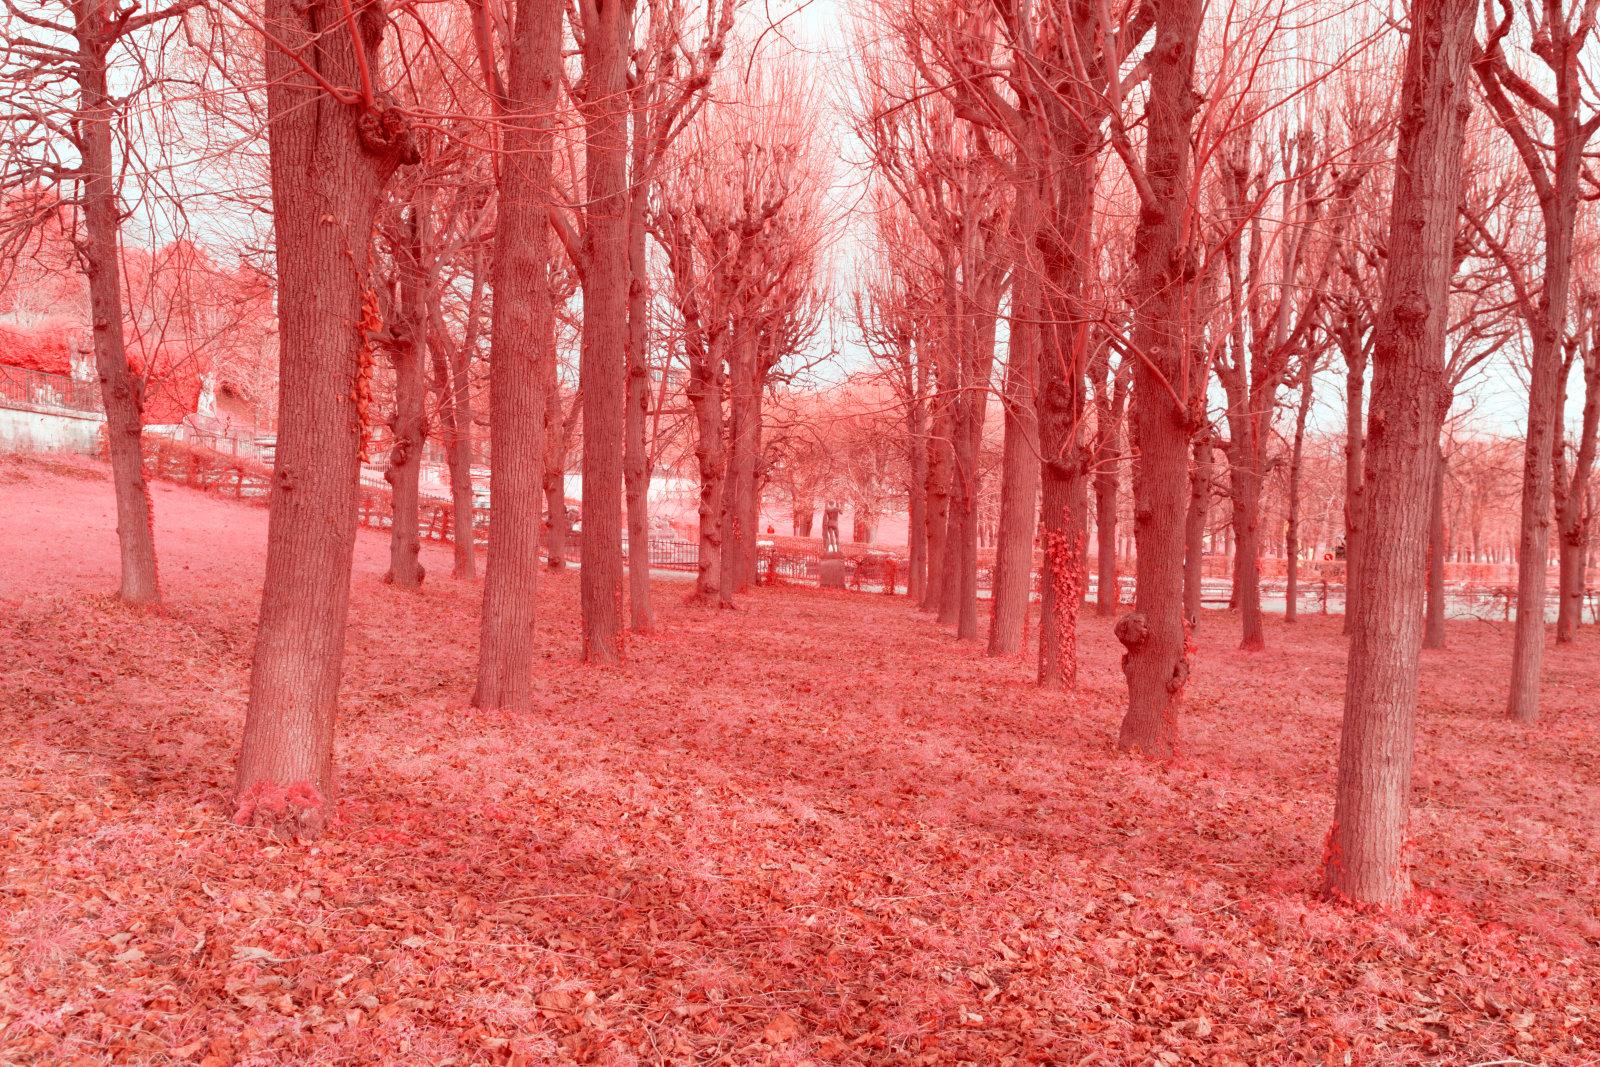 DETAILS 35mm F8 CANON | Pierre-Louis Ferrer | Test du Tamron SP 35 mm f/1.4 Di USD en photographie infrarouge | Partie 2